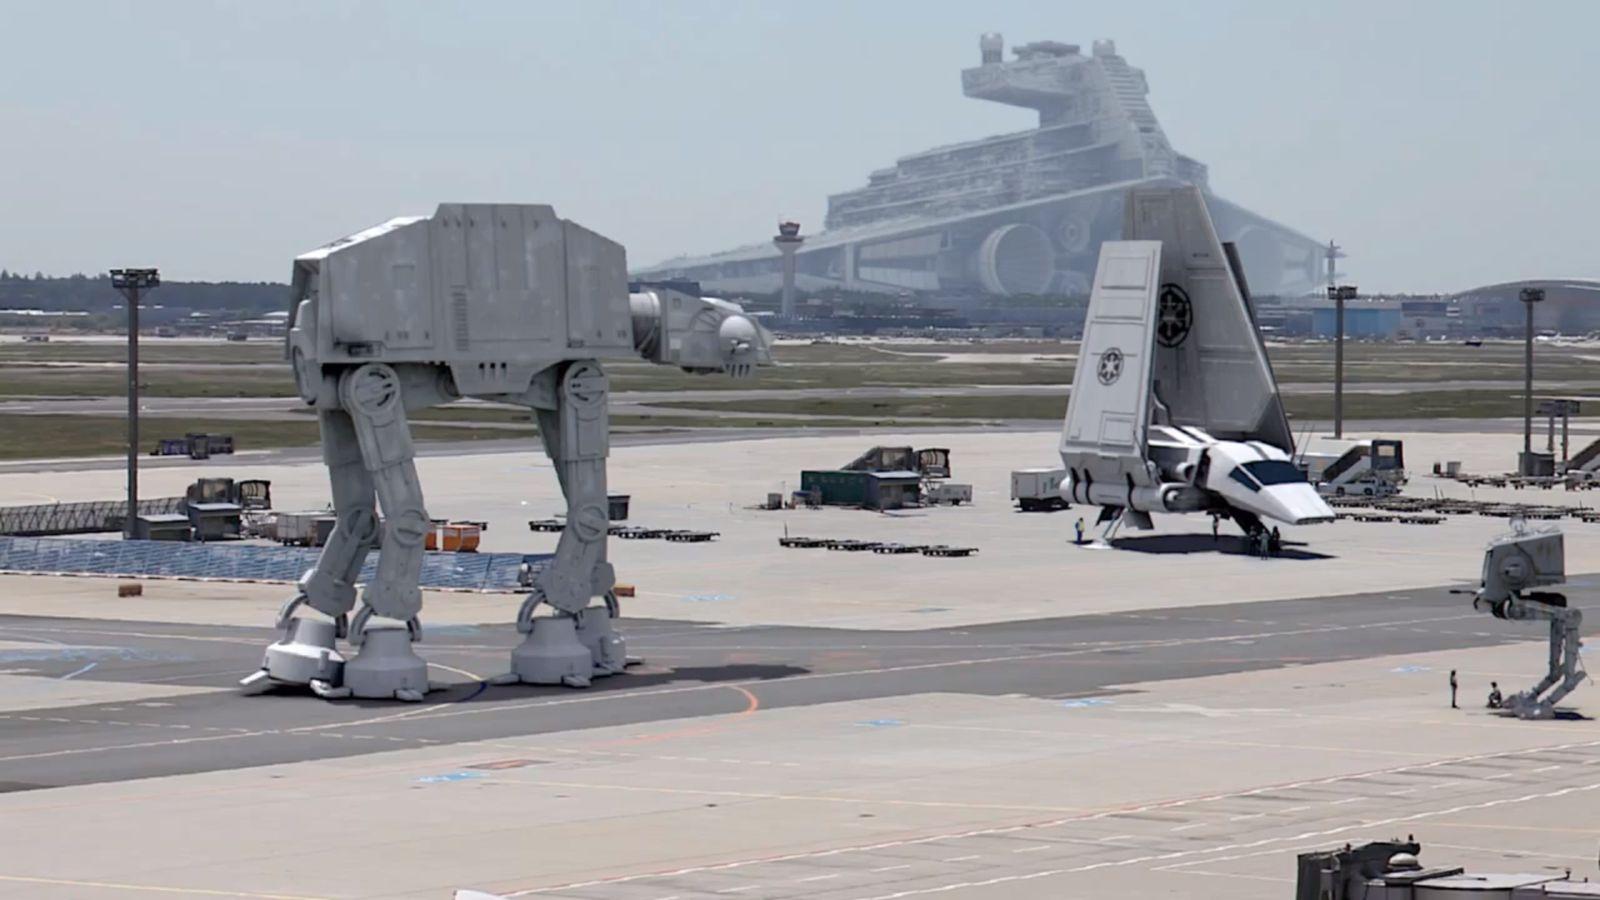 NUR ALS ZITAT Screenshot Starport Frankfurt/ Stars Wars